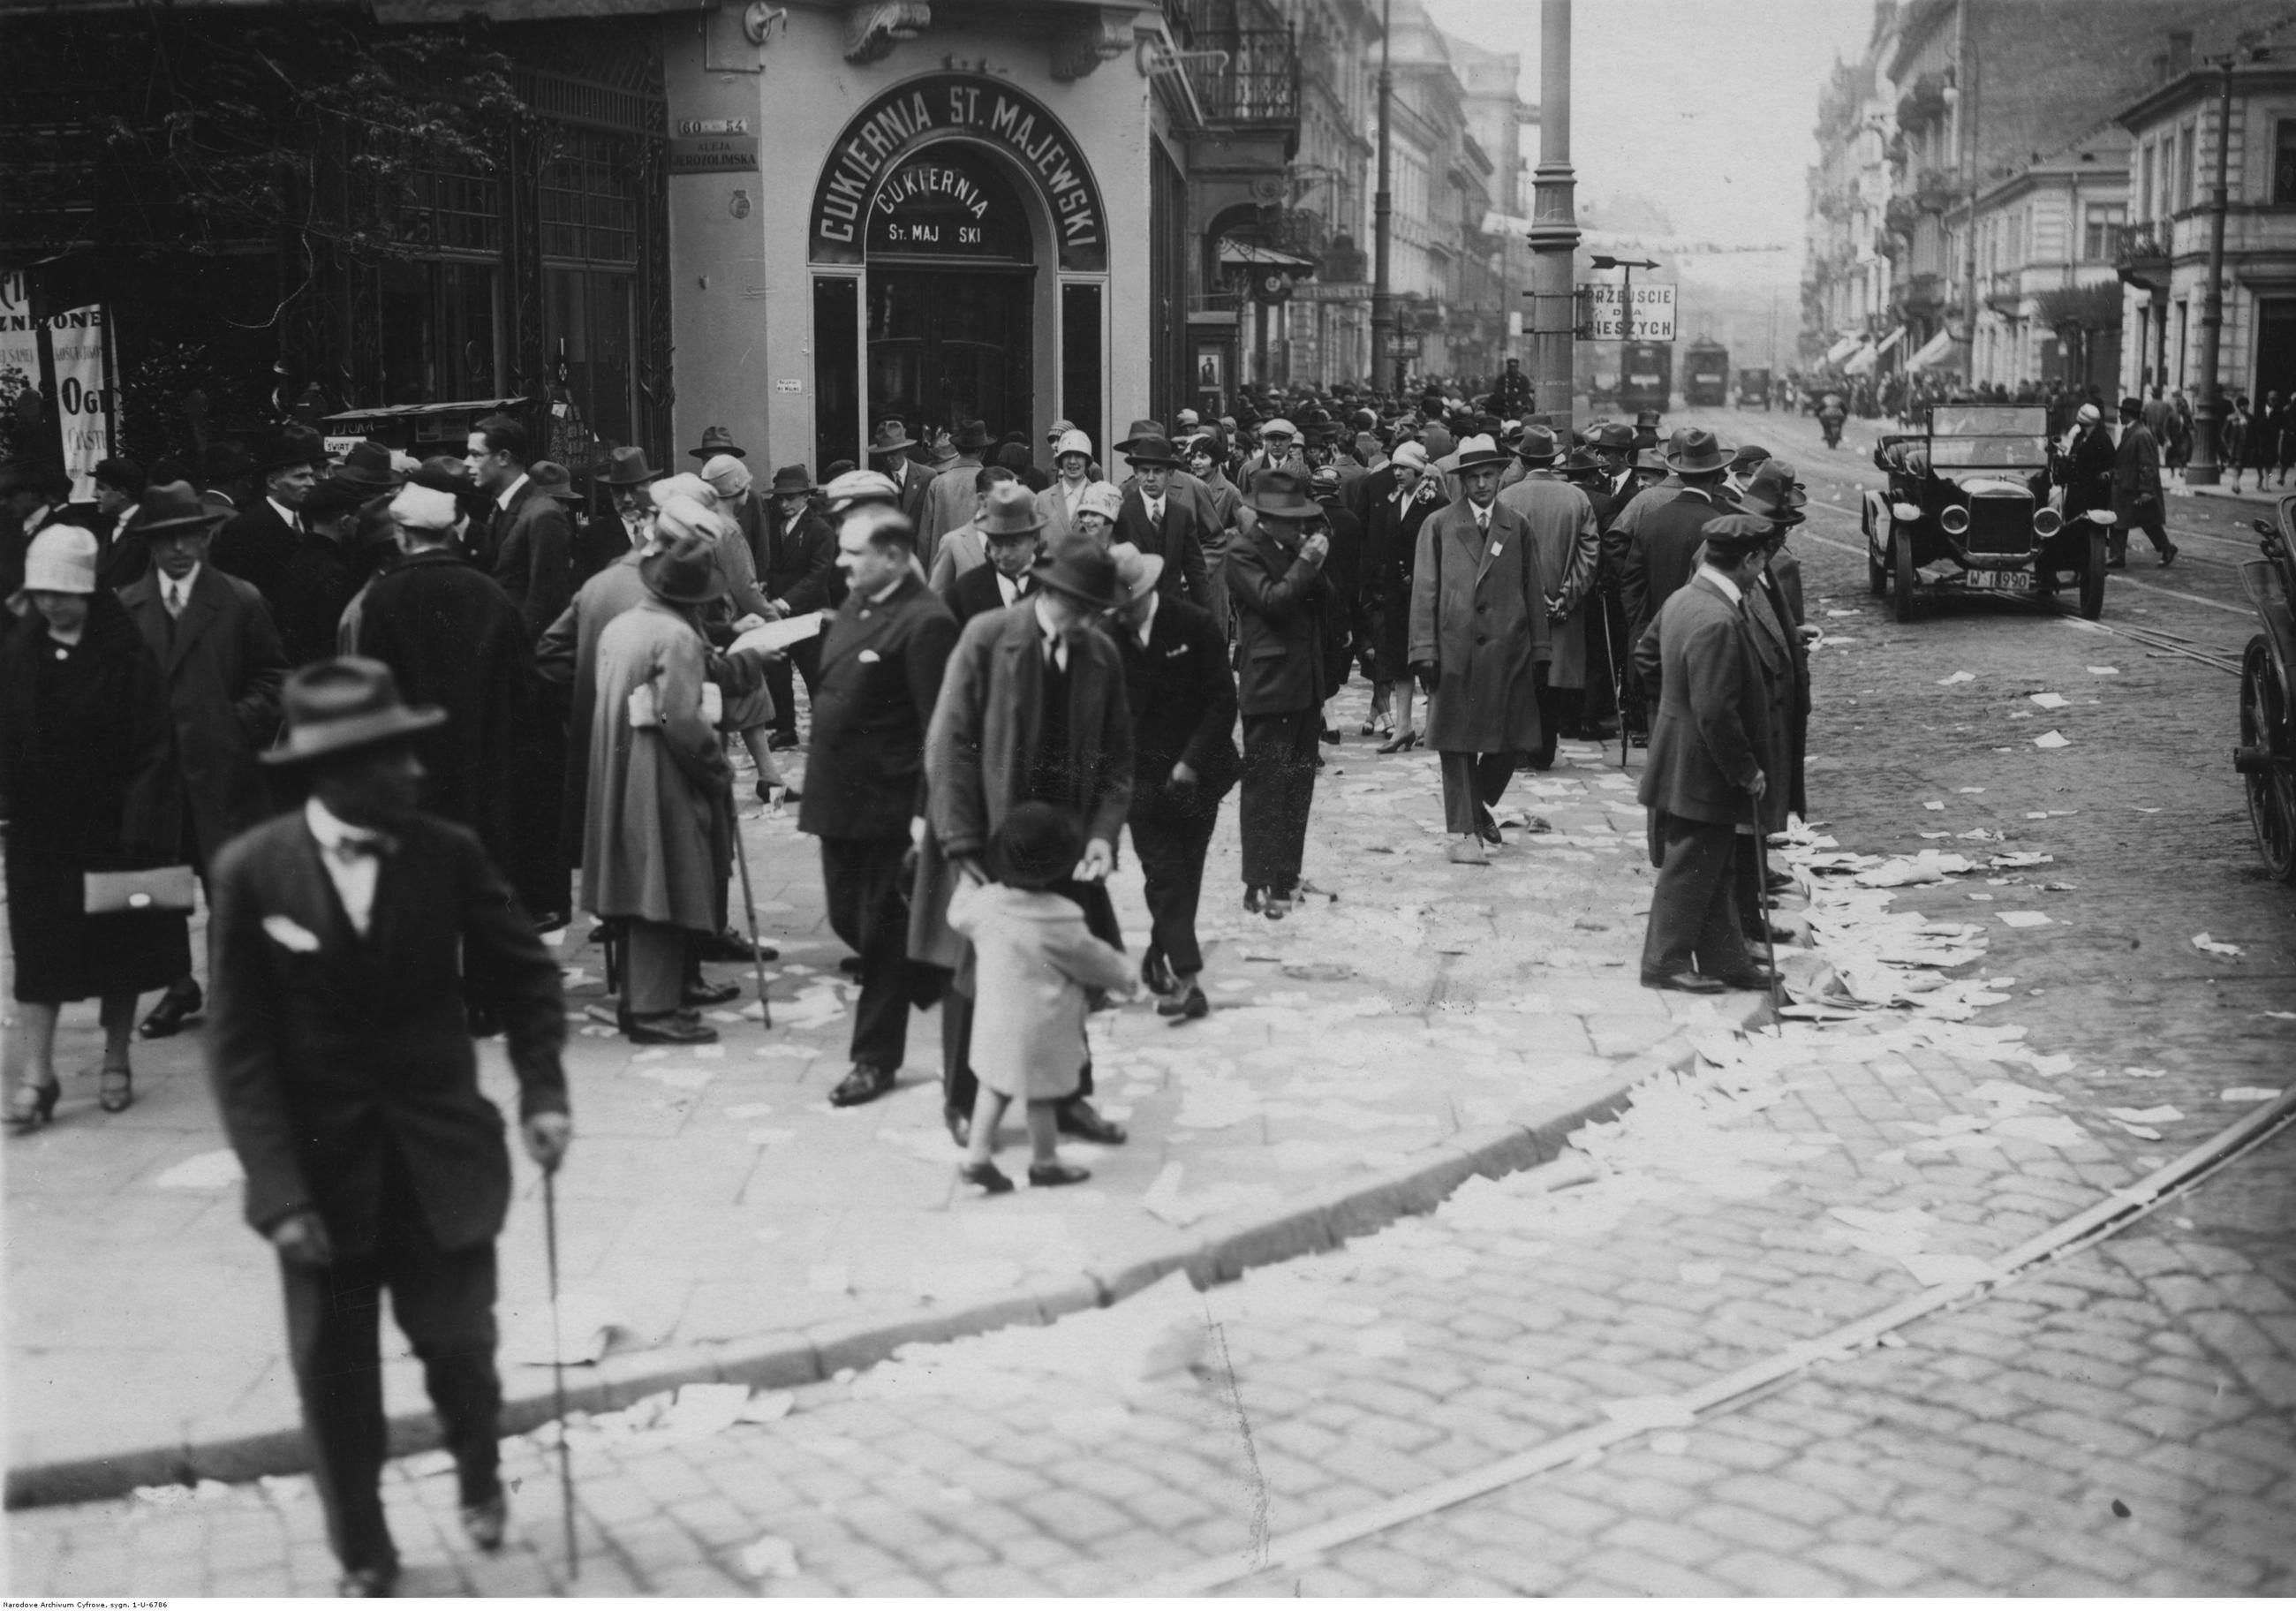 Warszawa W latach 30. Warszawa była siódmym pod względem liczby ludności miastem Europy. Wyprzedzała m.in. Rzym i Madryt. W Europie Środkowo-Wschodniej była to druga największa metropolia po Wiedniu. W Warszawie żyła druga co do wielkości społeczność żydowska na świecie. Więcej Żydów mieszkało tylko w Nowym Jorku. Po wojnie odbudowa miasta trwała całe dekady. Przedwojenną liczbę ludności stolica osiągnęła dopiero na przełomie lat 60. i 70. Liczba ludności w 1939 r.: 1,289 mln, obecnie: 1,754 mln. Na zdjęciu: Ulica Nowy Świat u zbiegu z alejami Jerozolimskimi.